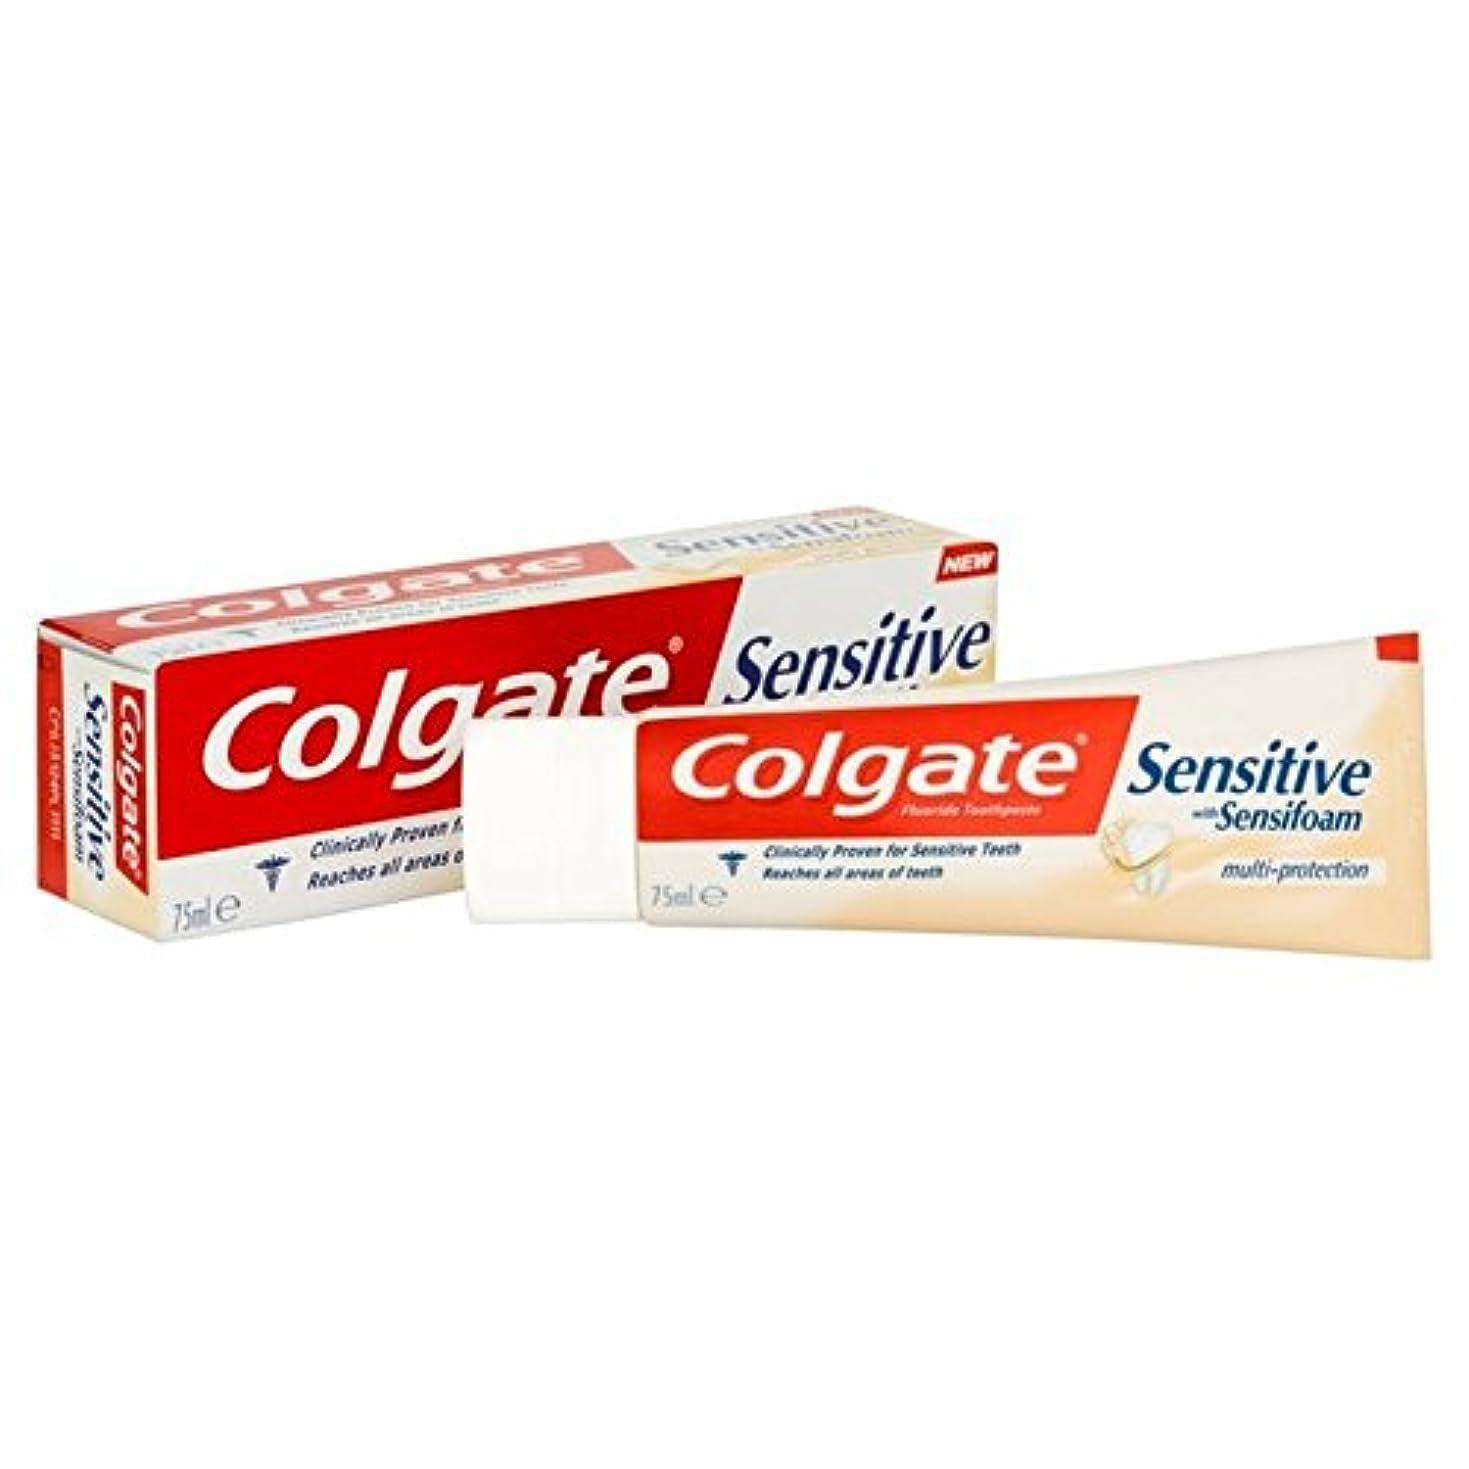 プロフェッショナル裏切り相対性理論コルゲート敏感な泡は、マルチ歯磨き粉75ミリリットルを保護します x2 - Colgate Sensitive Foam Multi Protect Toothpaste 75ml (Pack of 2) [並行輸入品]